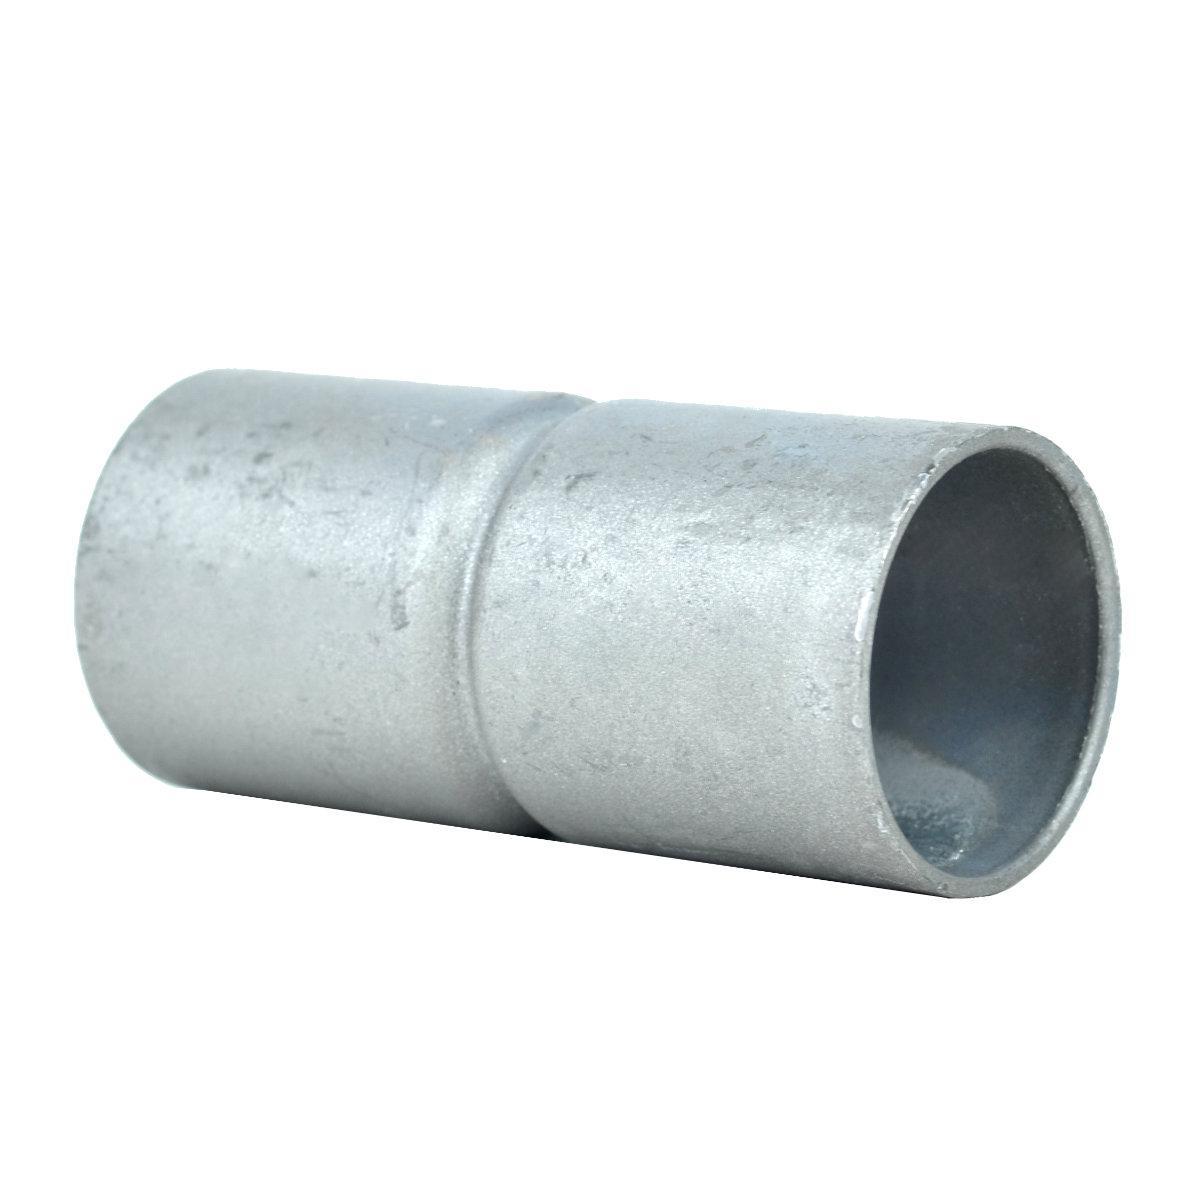 350/2 ZN_F Муфта безрізьбова для сталевих труб (EN)